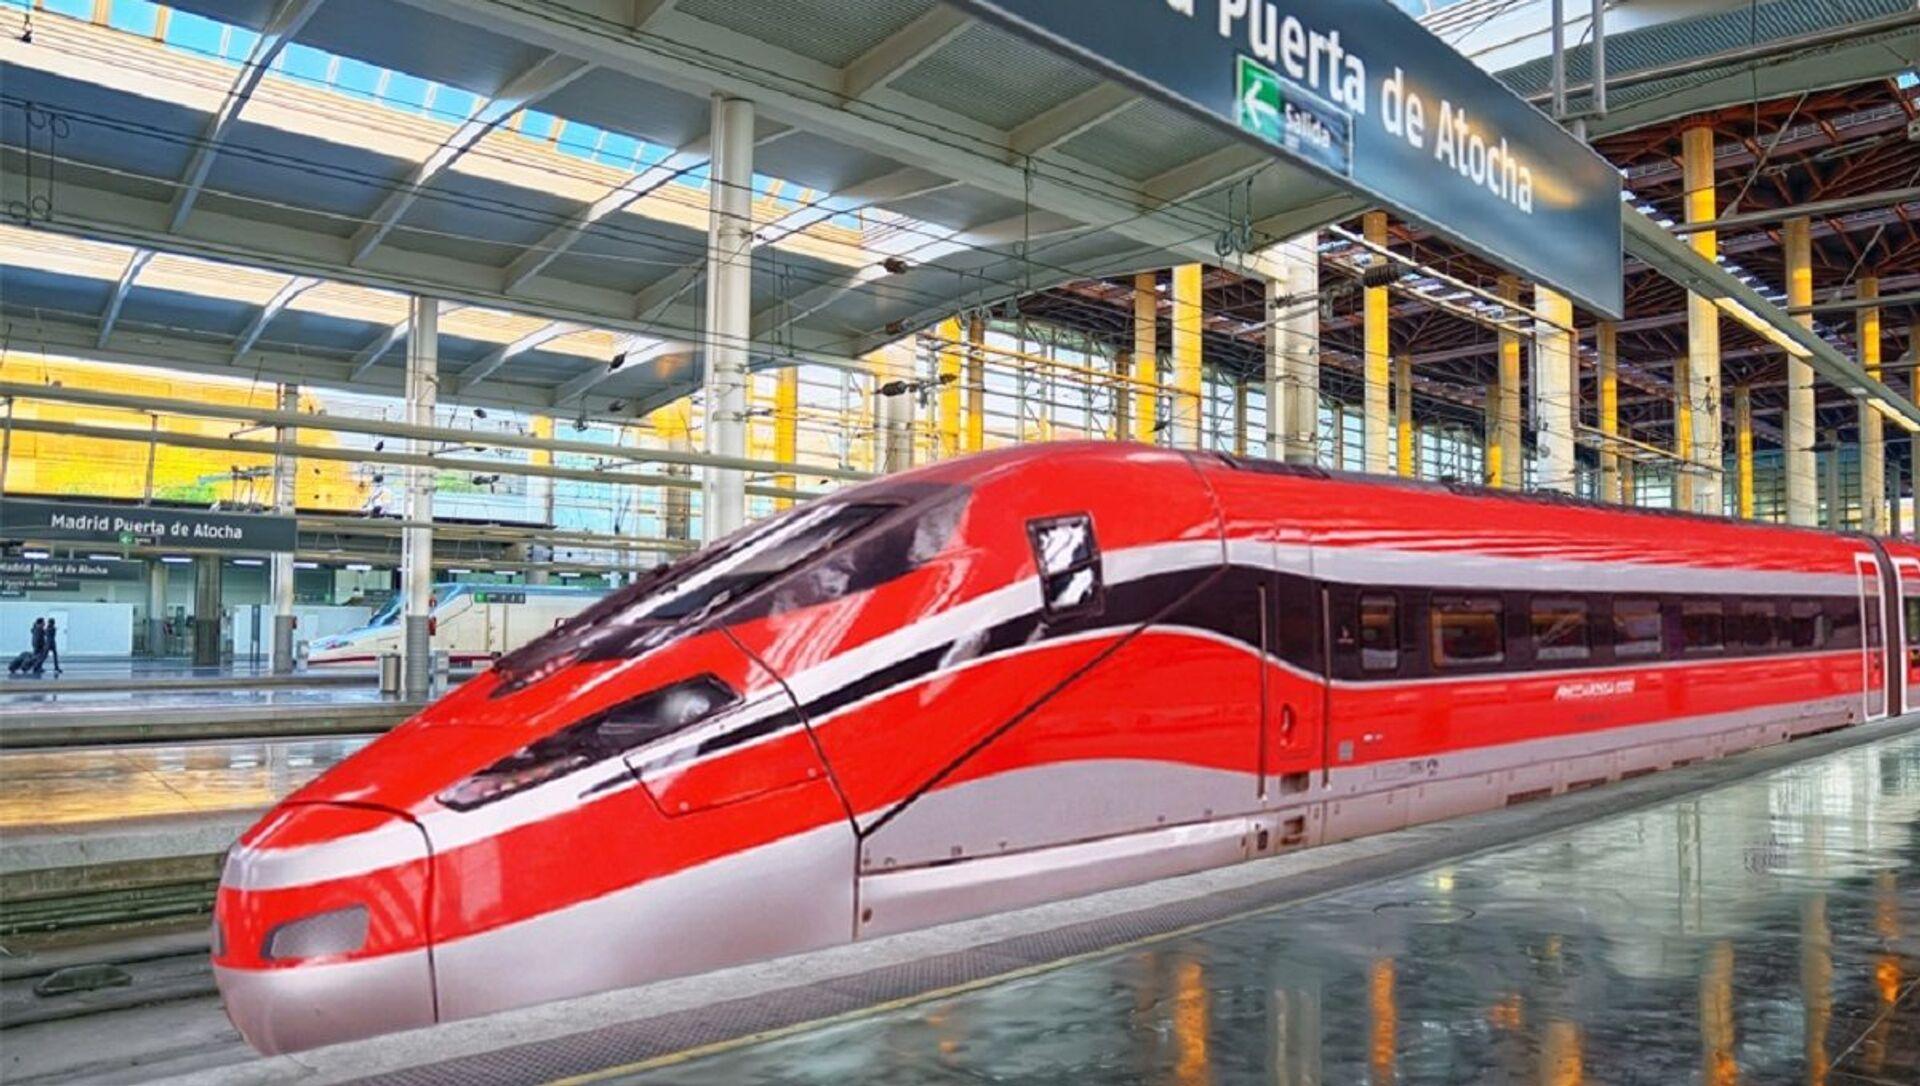 Hitachi y Bombardier se adjudican el contrato para el suministro de 23 trenes Frecciarossa - Sputnik Mundo, 1920, 12.08.2020